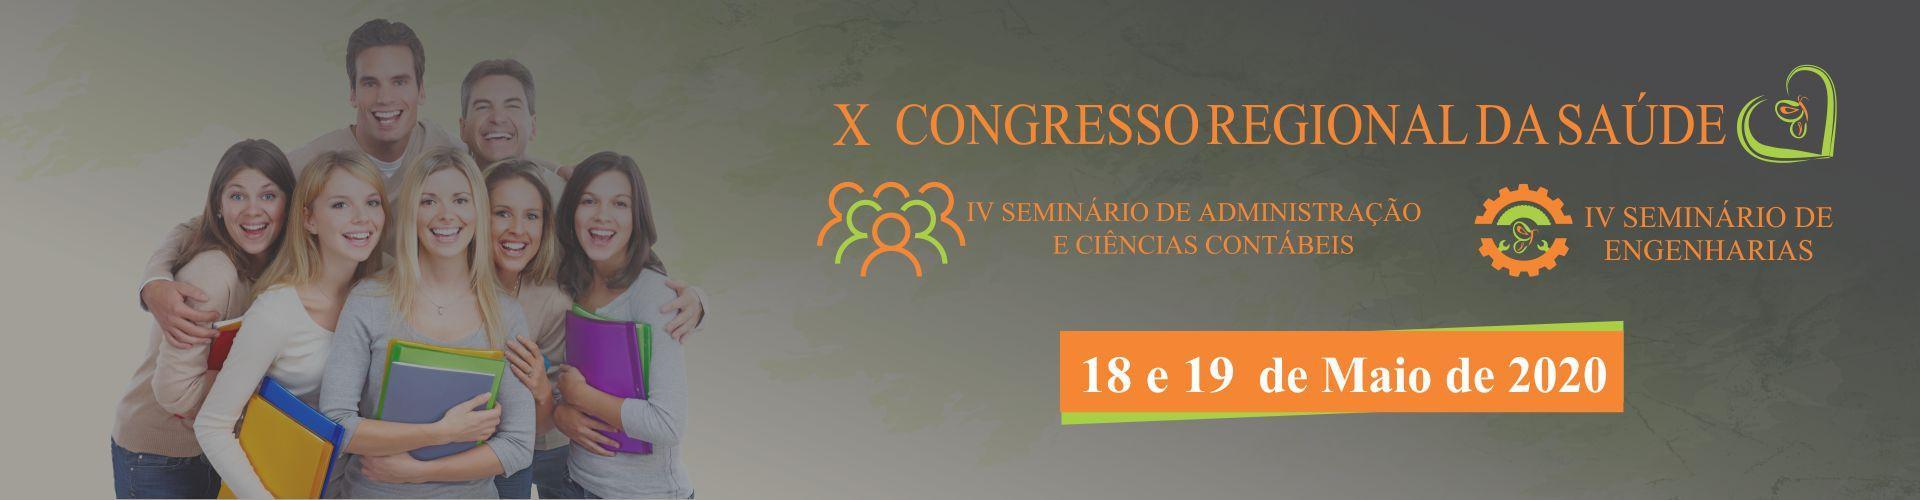 Congresso e seminários 2020